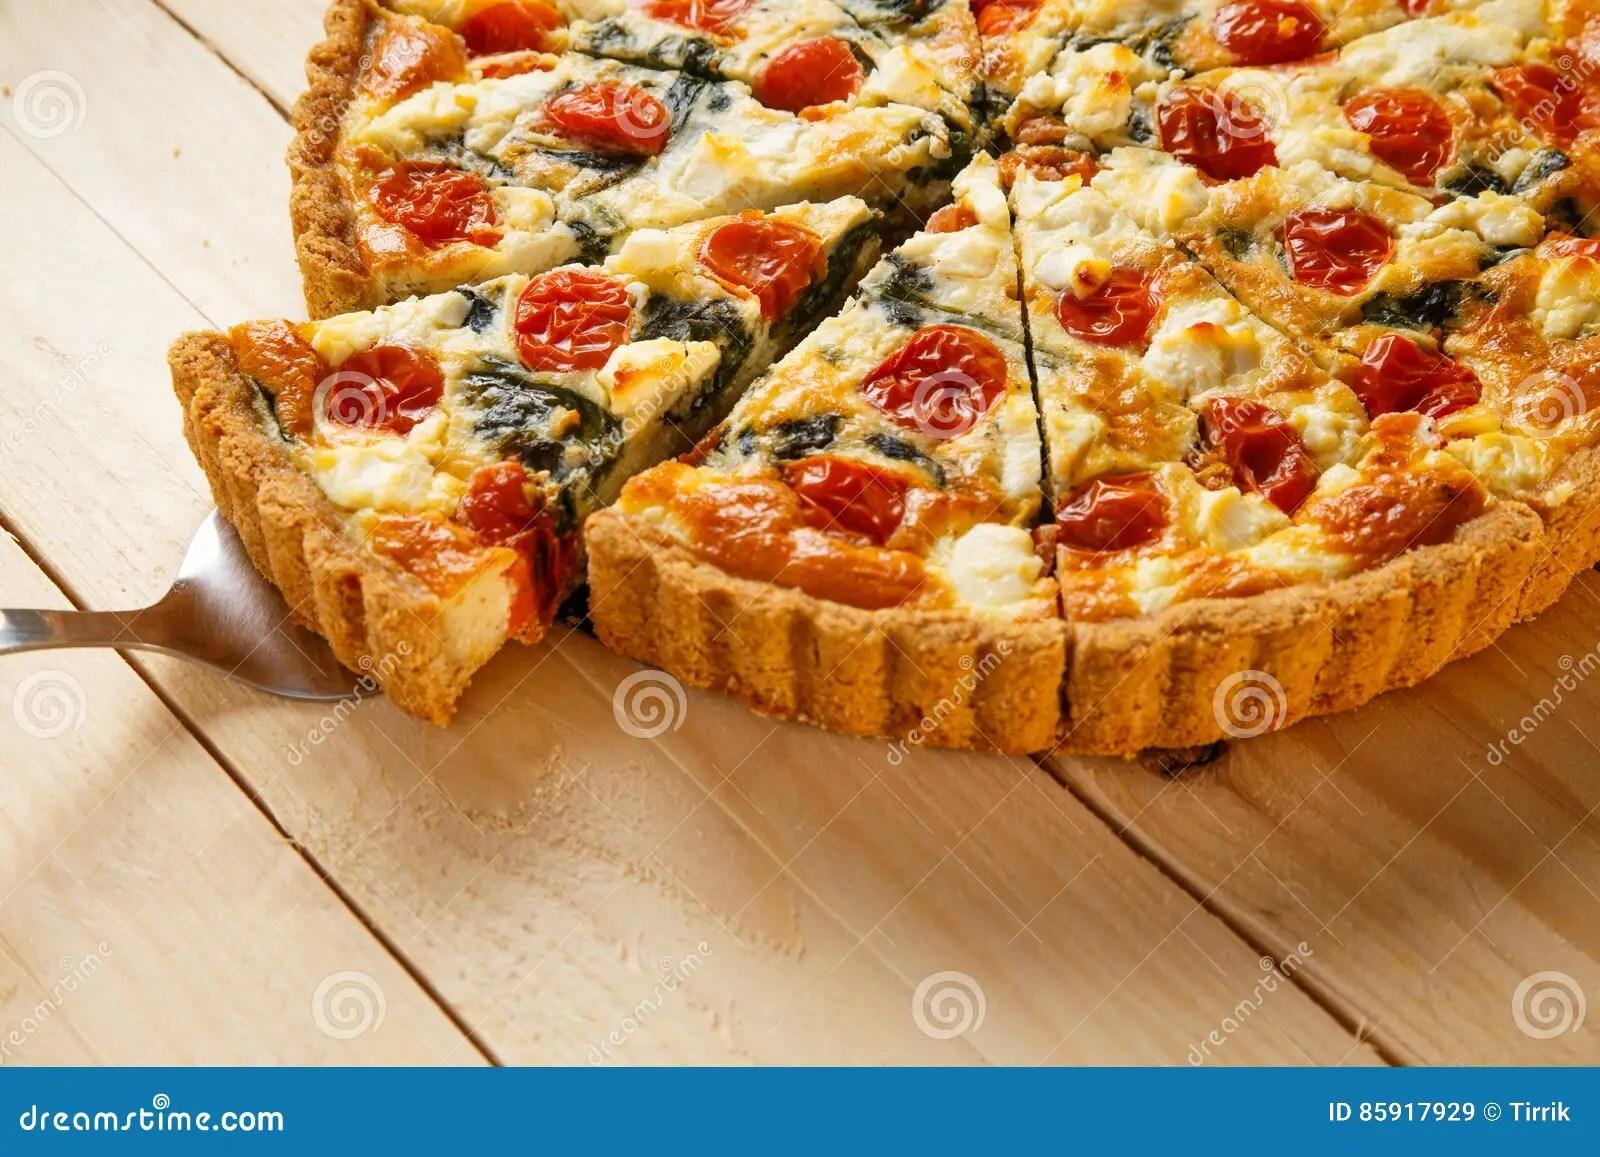 tarte fait maison vegetarien quiche avec des tomates epinards et feta